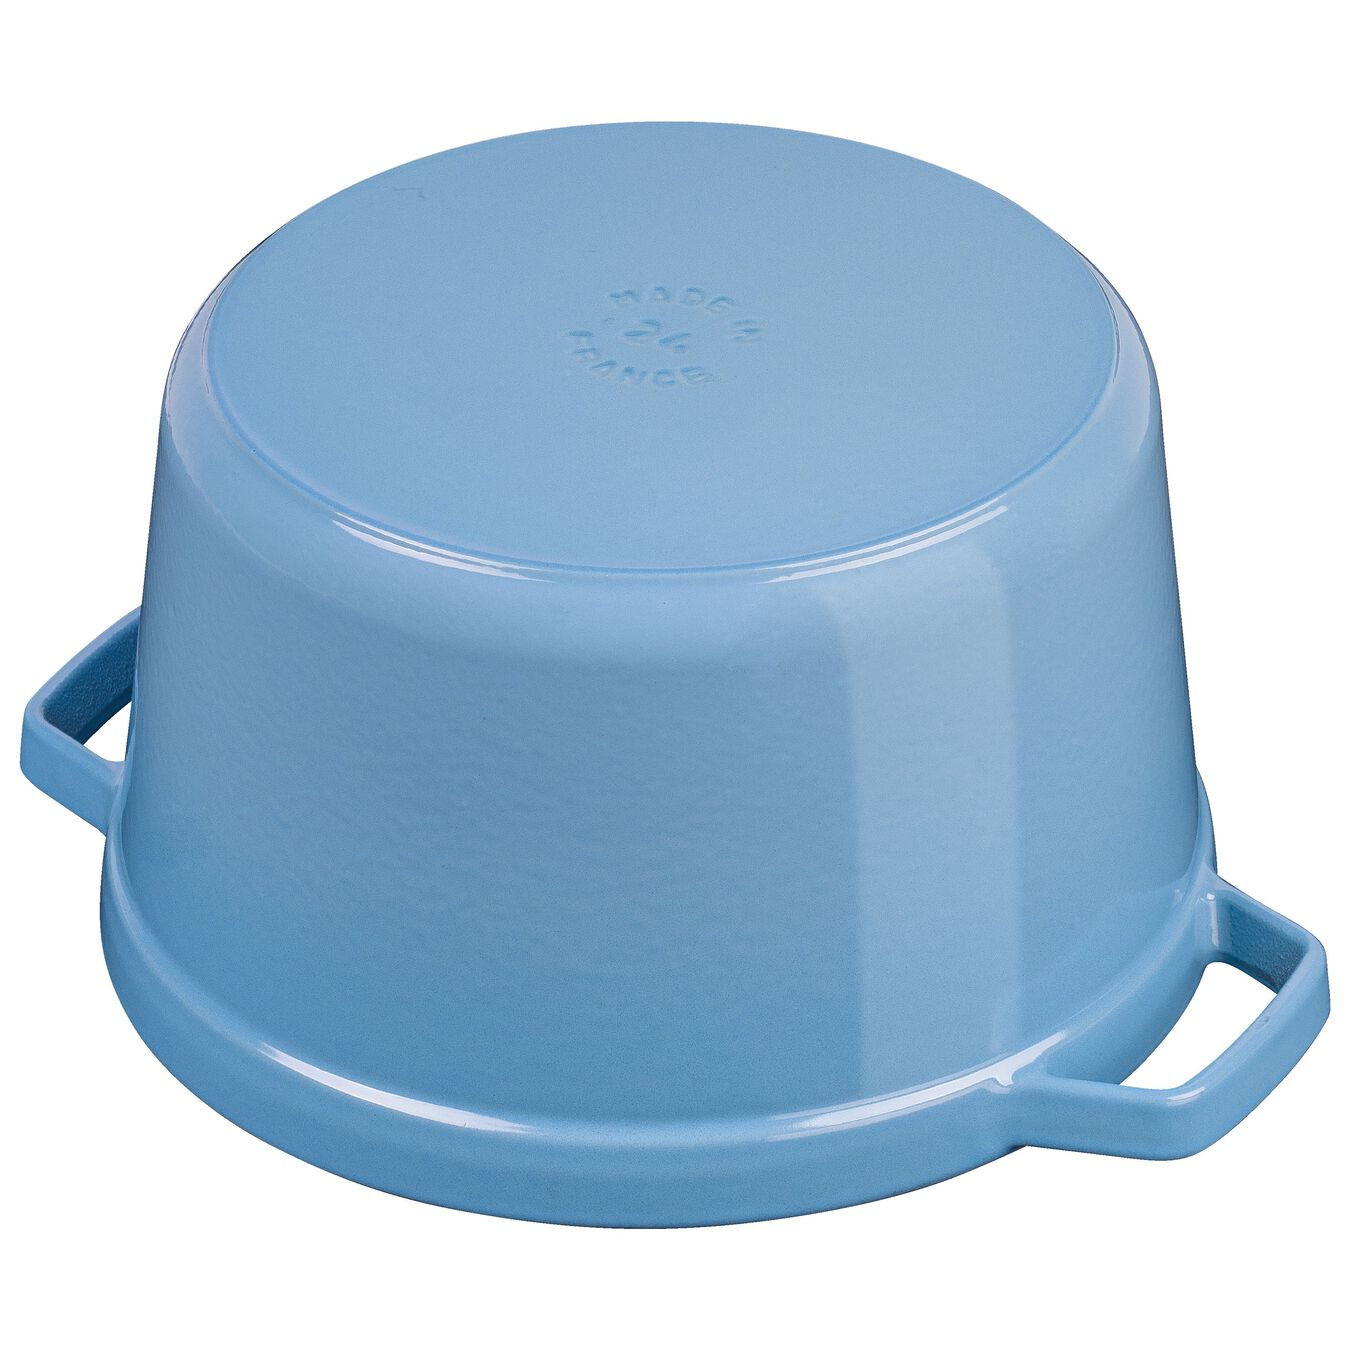 4,75 l Cast iron round Poêle à frire en fonte, Ice-Blue,,large 4